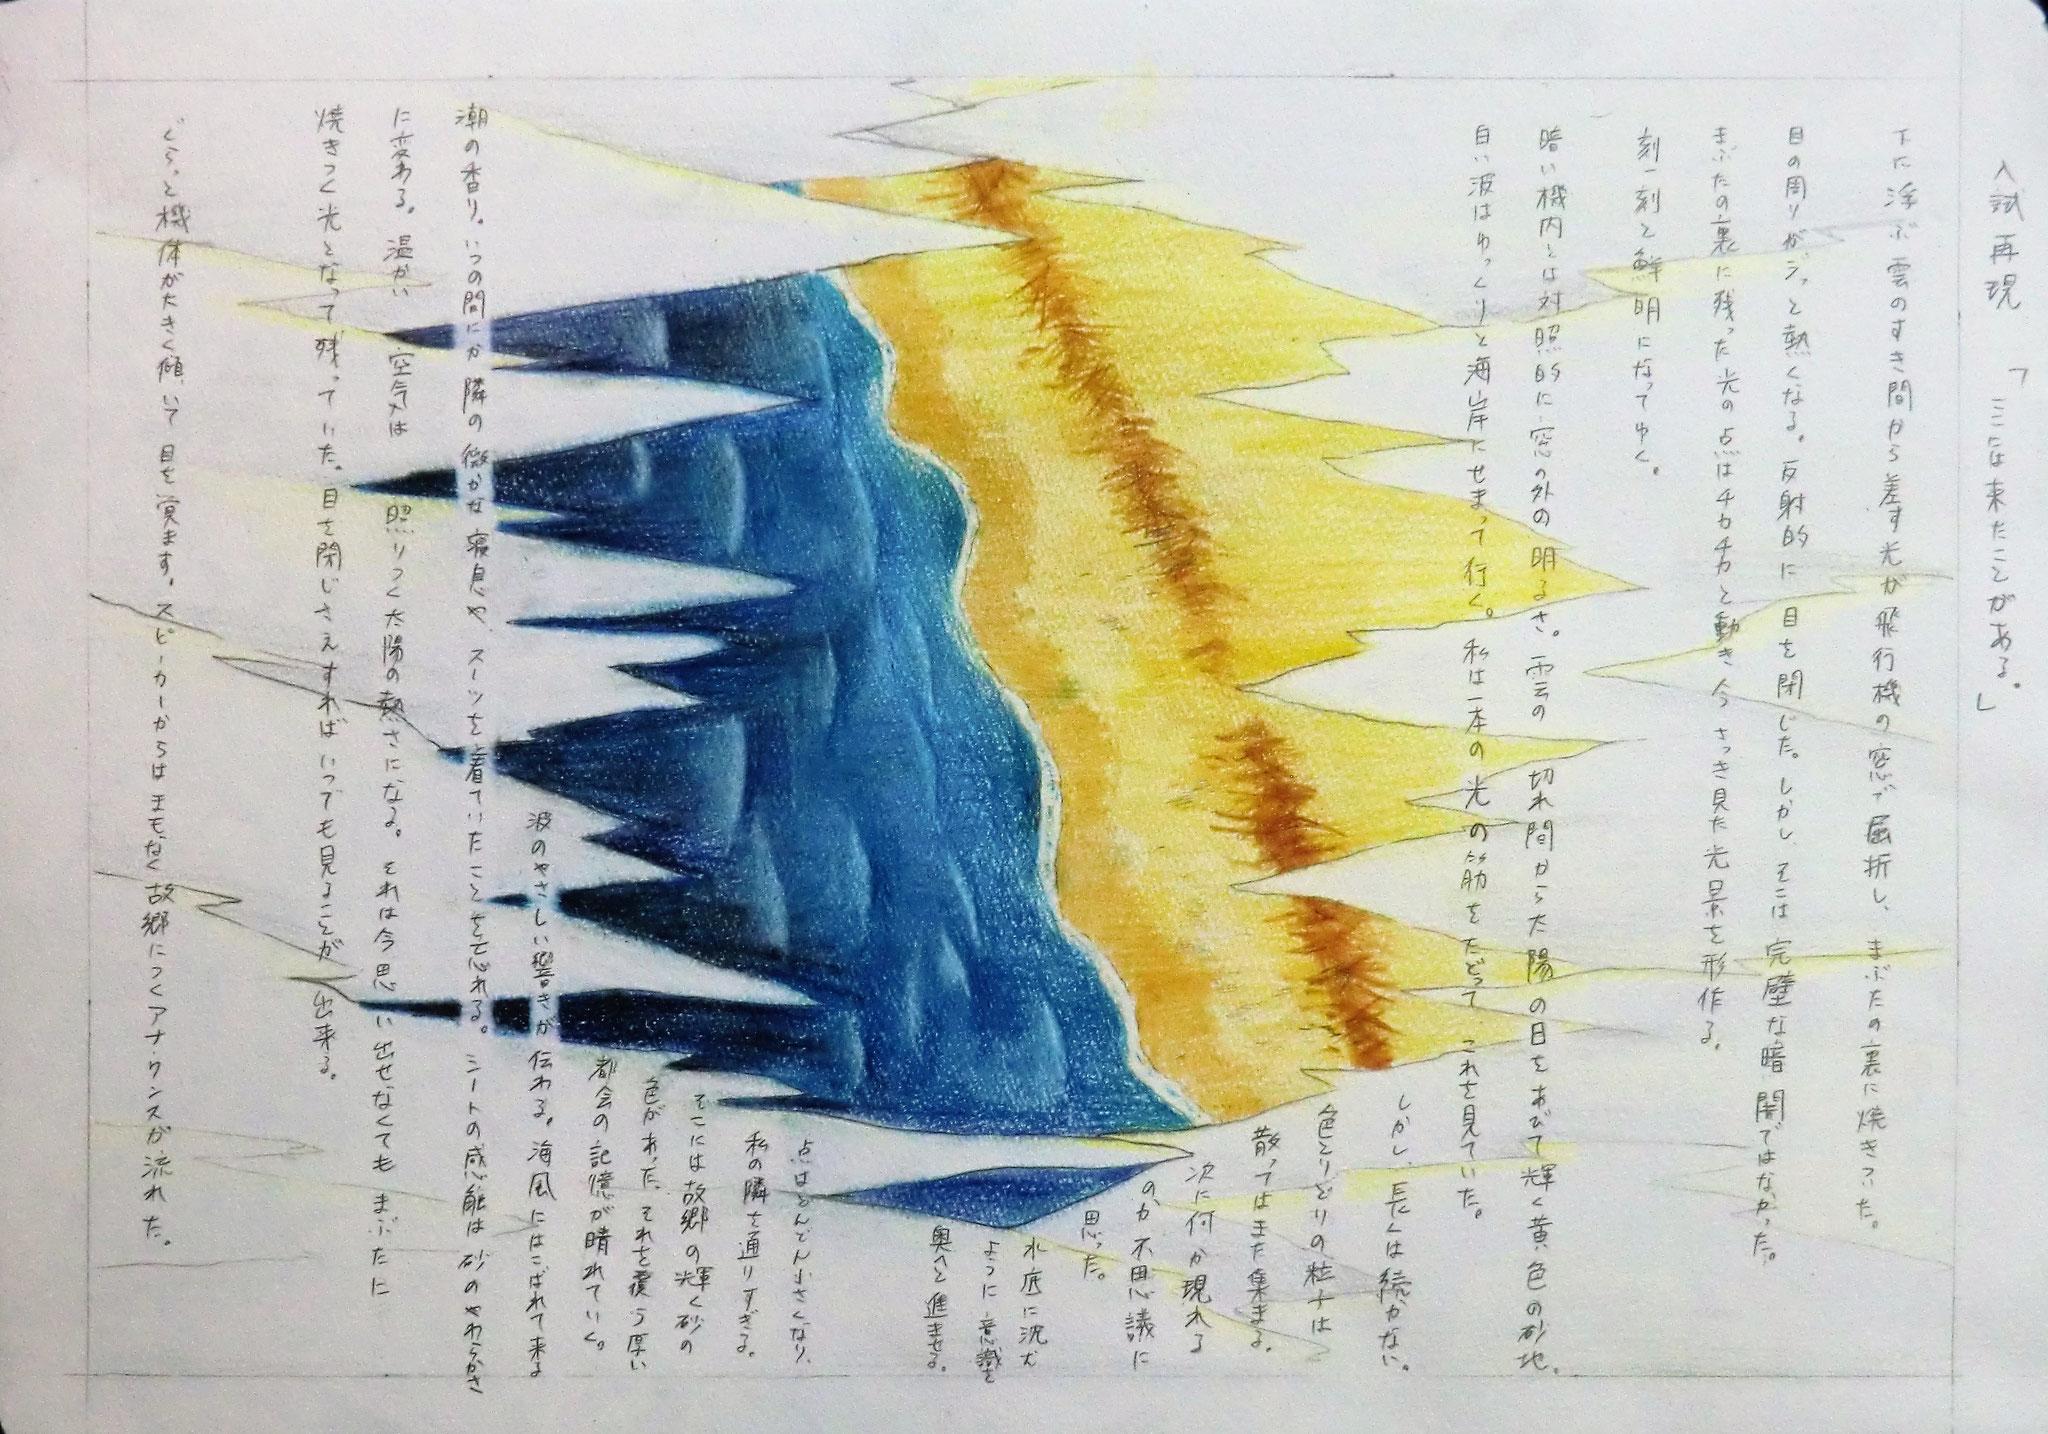 生徒作品120  「ここには来たことがある」から想起する場所のイメージ、あるいは出来事のイメージを絵と文章で表現 B3判 画用紙【映像系:武蔵野美大合格】